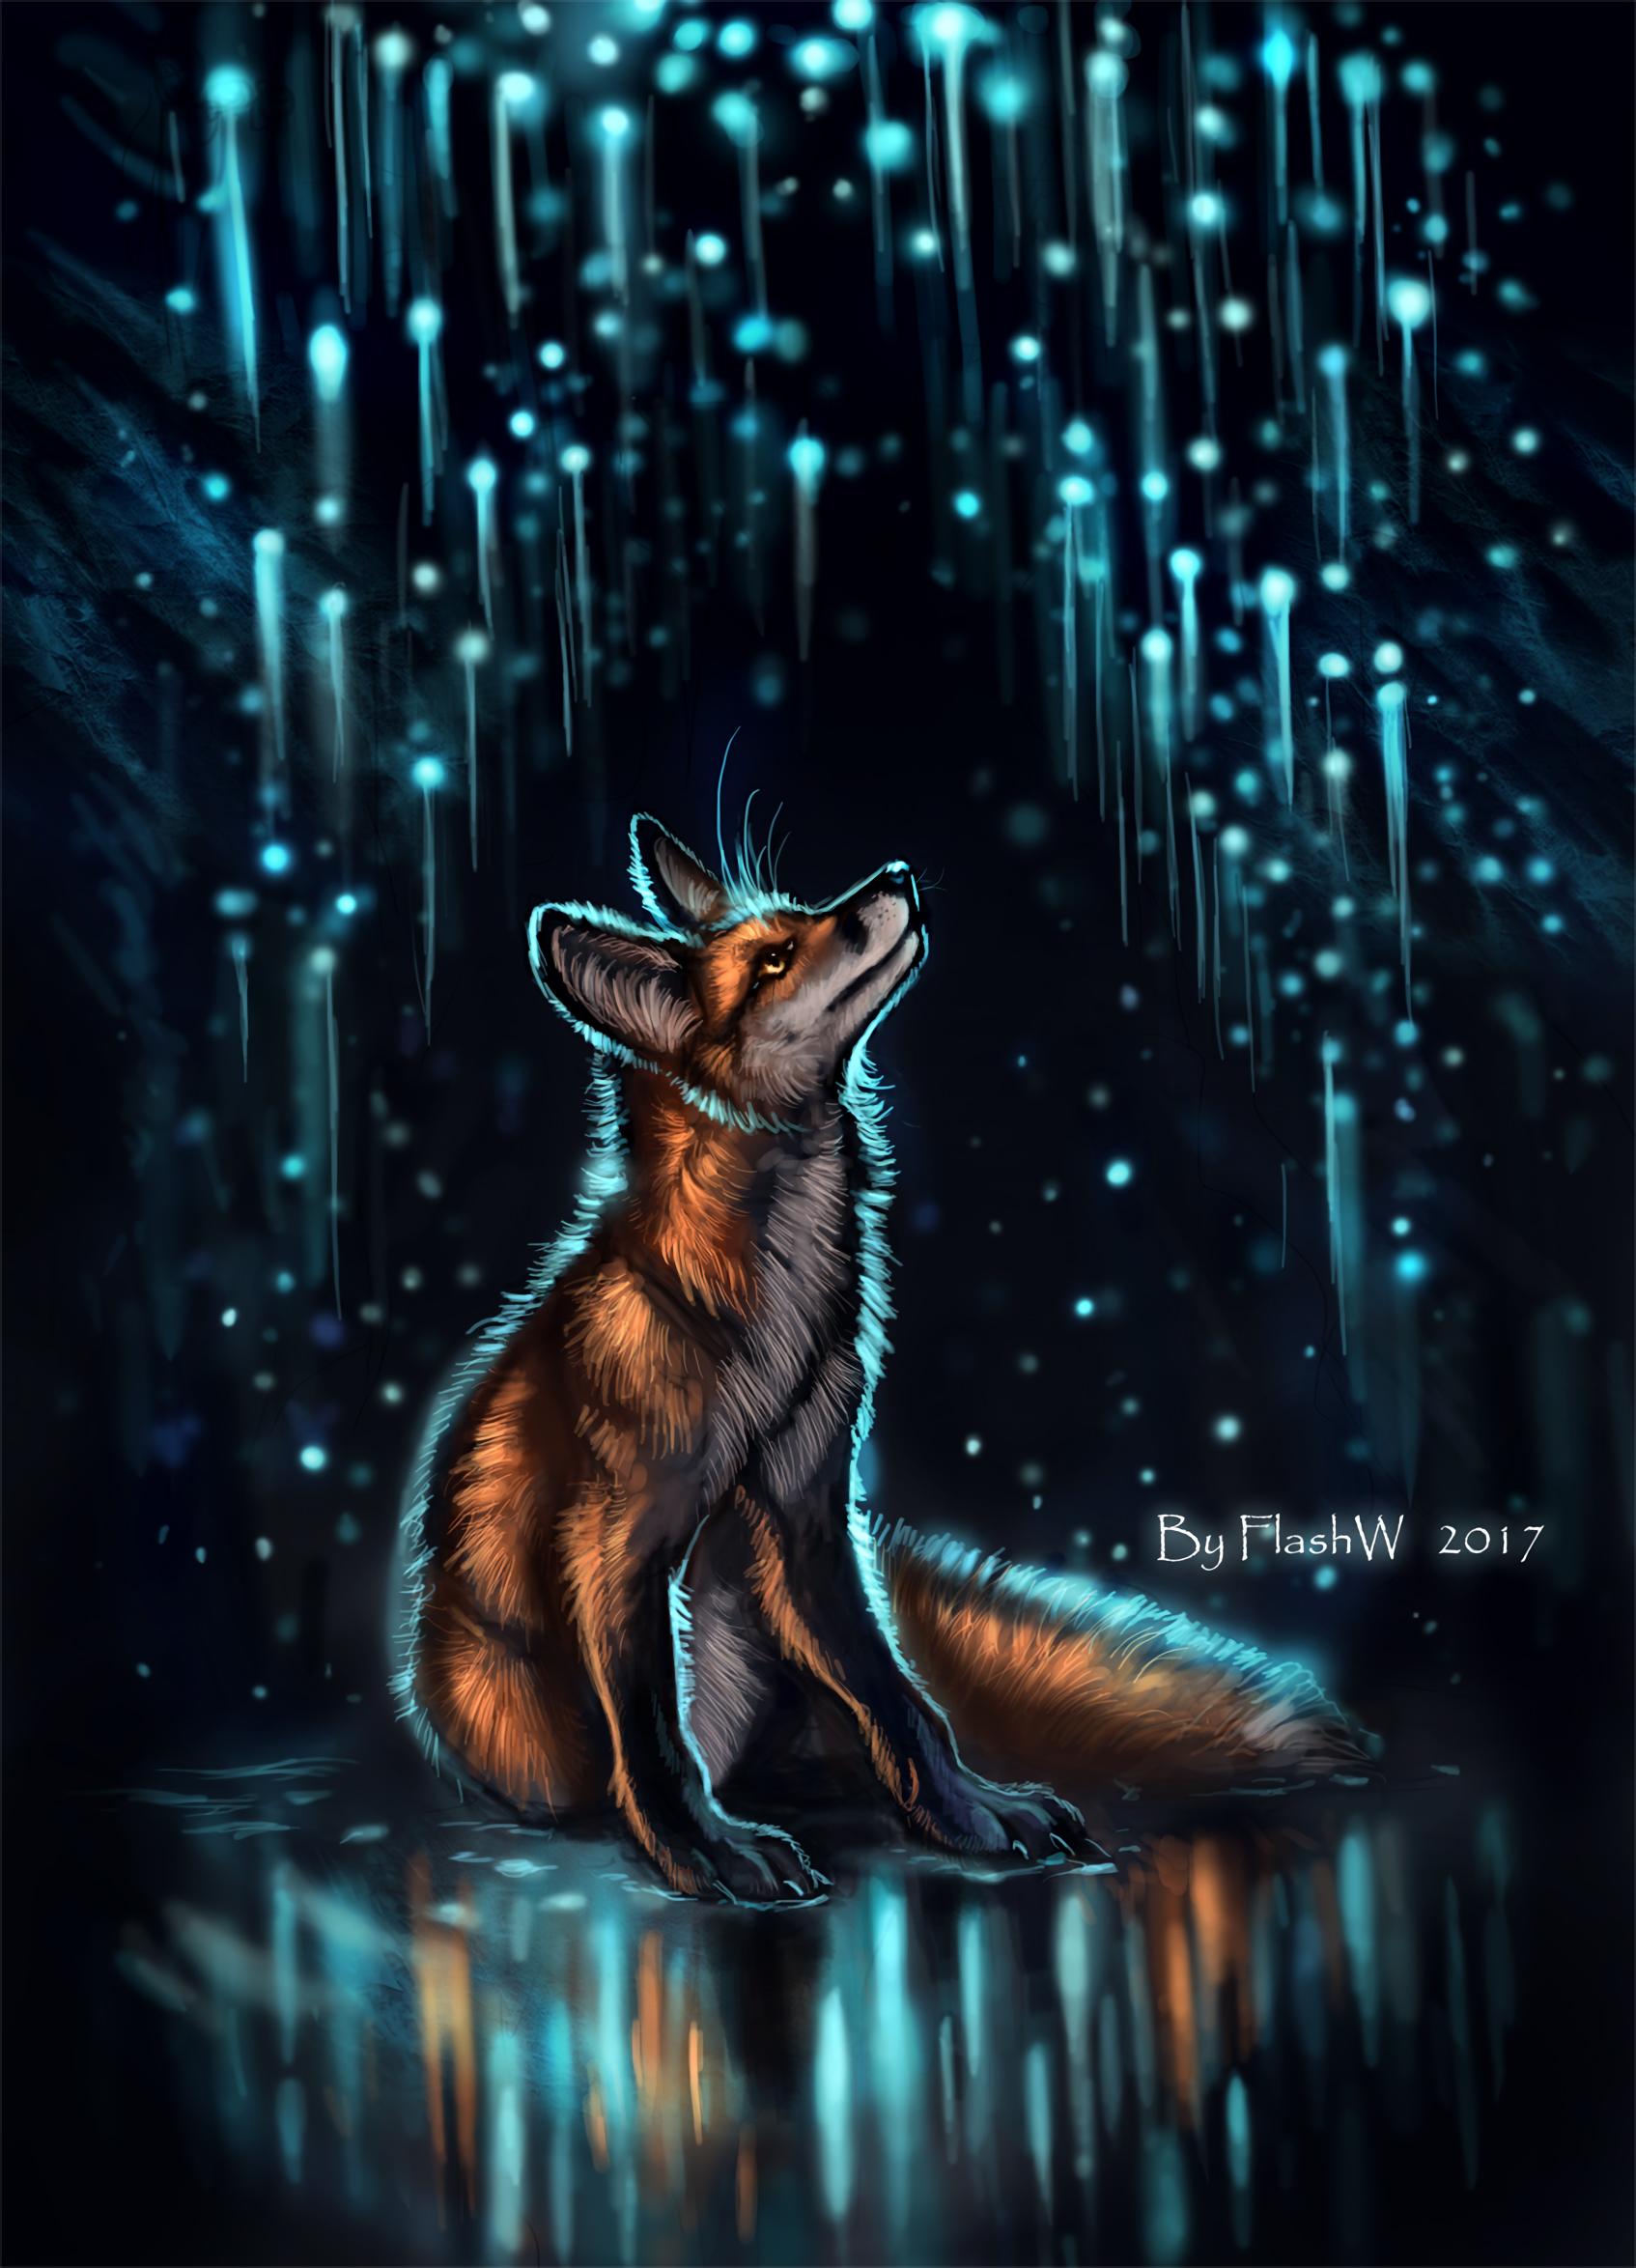 82308 Hintergrundbild herunterladen Übernachtung, Kunst, Blendung, Glühen, Glow, Ein Fuchs, Fuchs - Bildschirmschoner und Bilder kostenlos